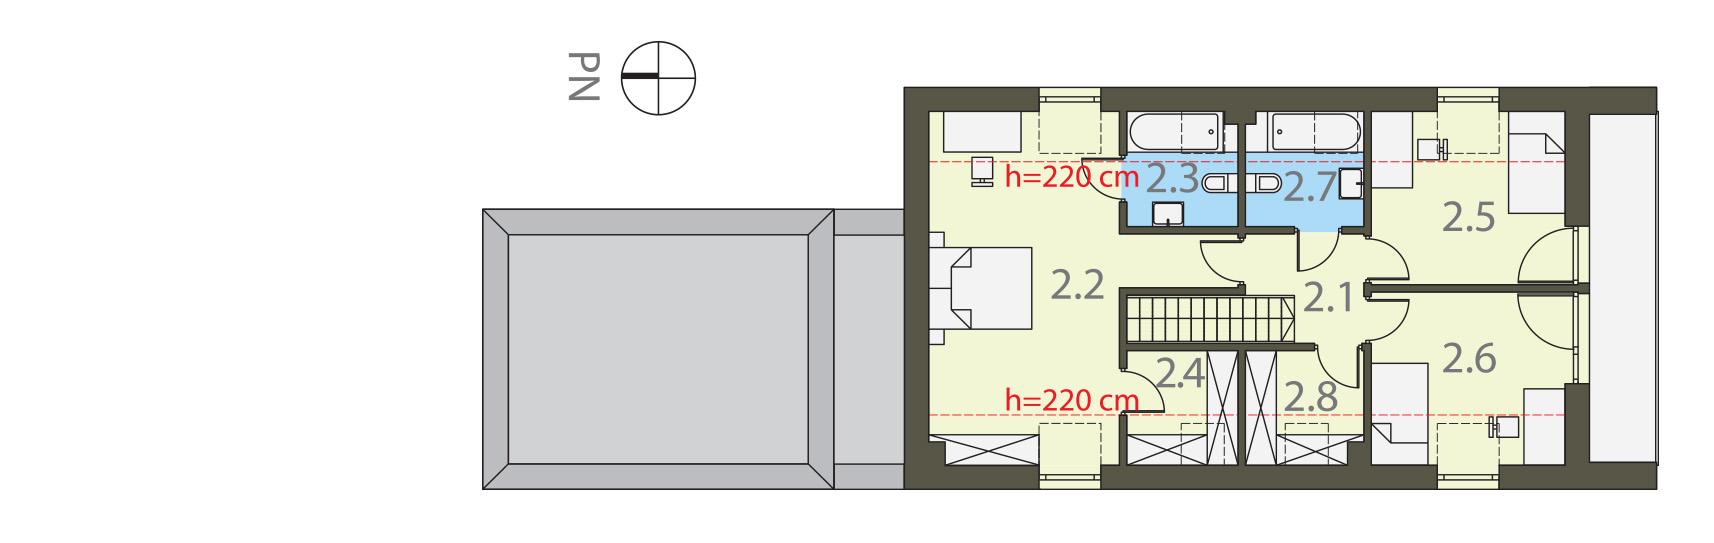 Projekt domu UKRYTY Domy Czystej Energii rzut piętra